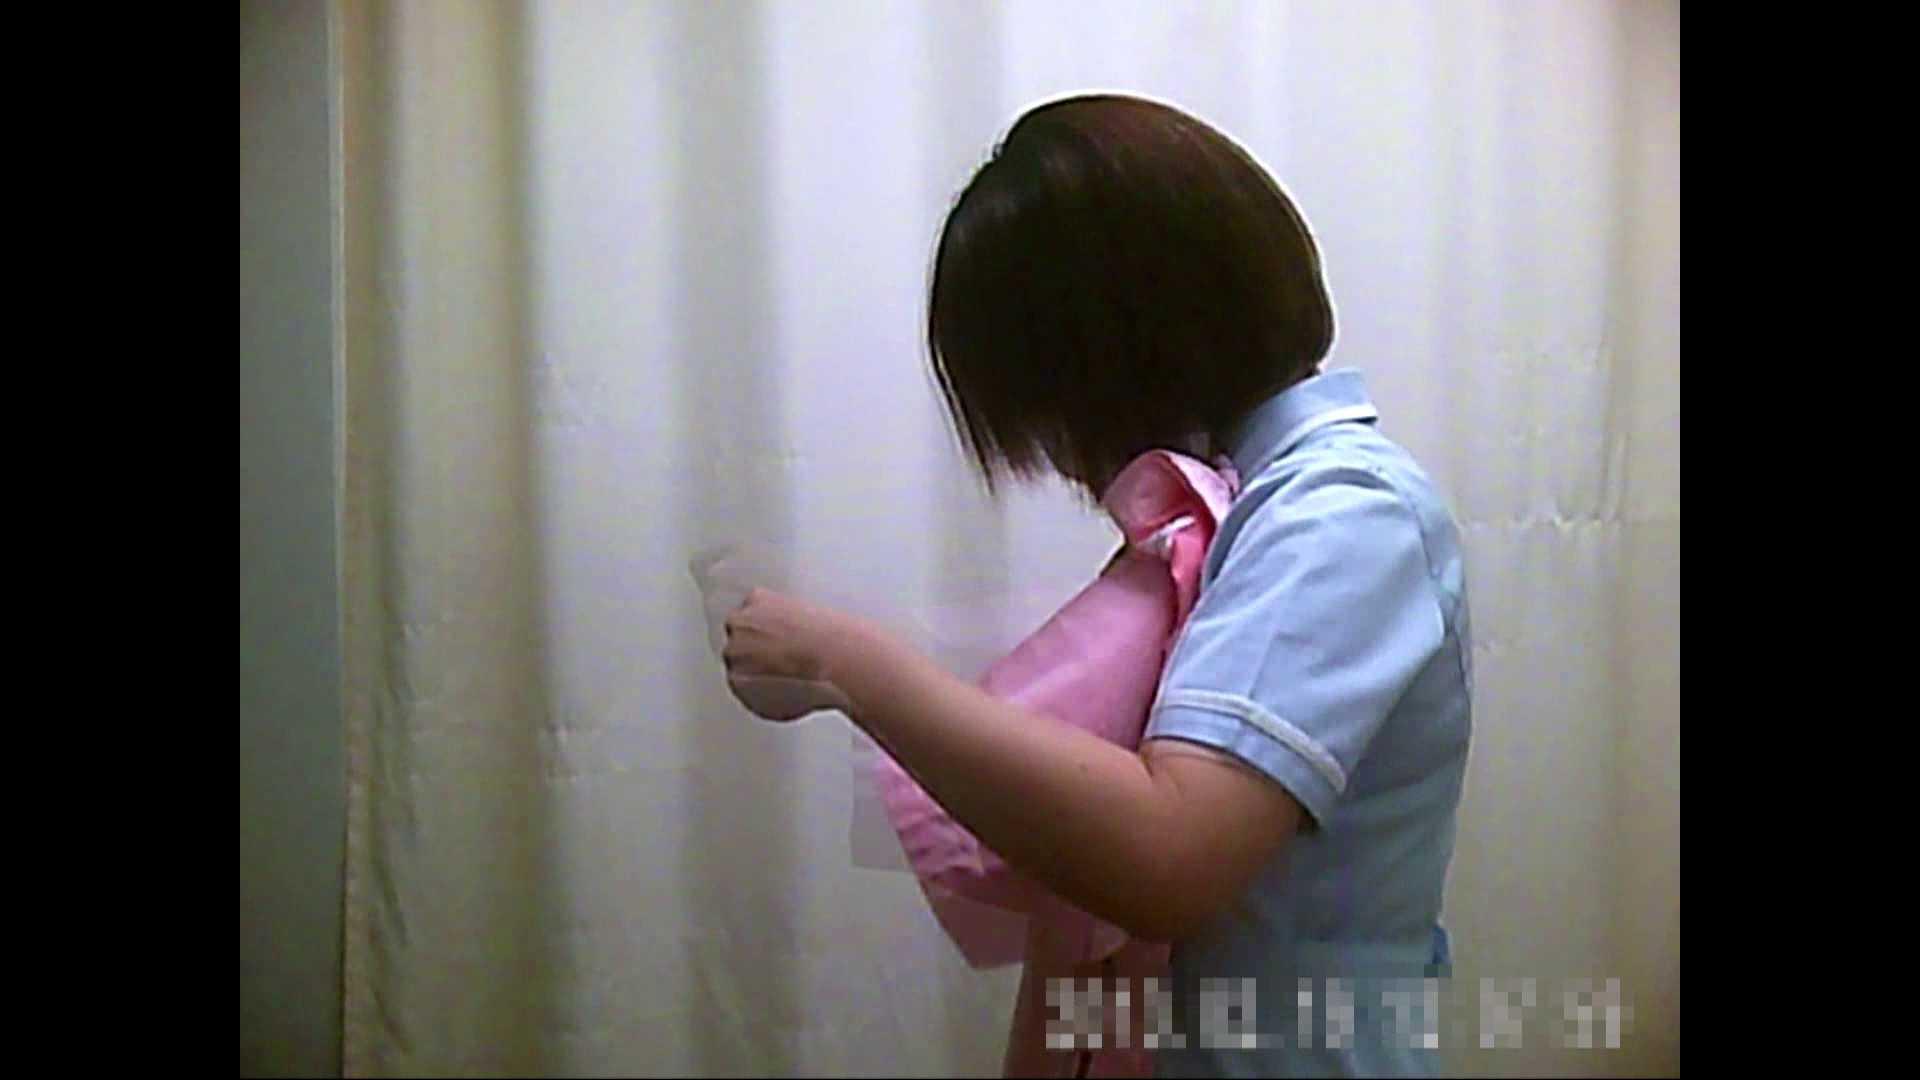 元医者による反抗 更衣室地獄絵巻 vol.141 OLハメ撮り  78Pix 42